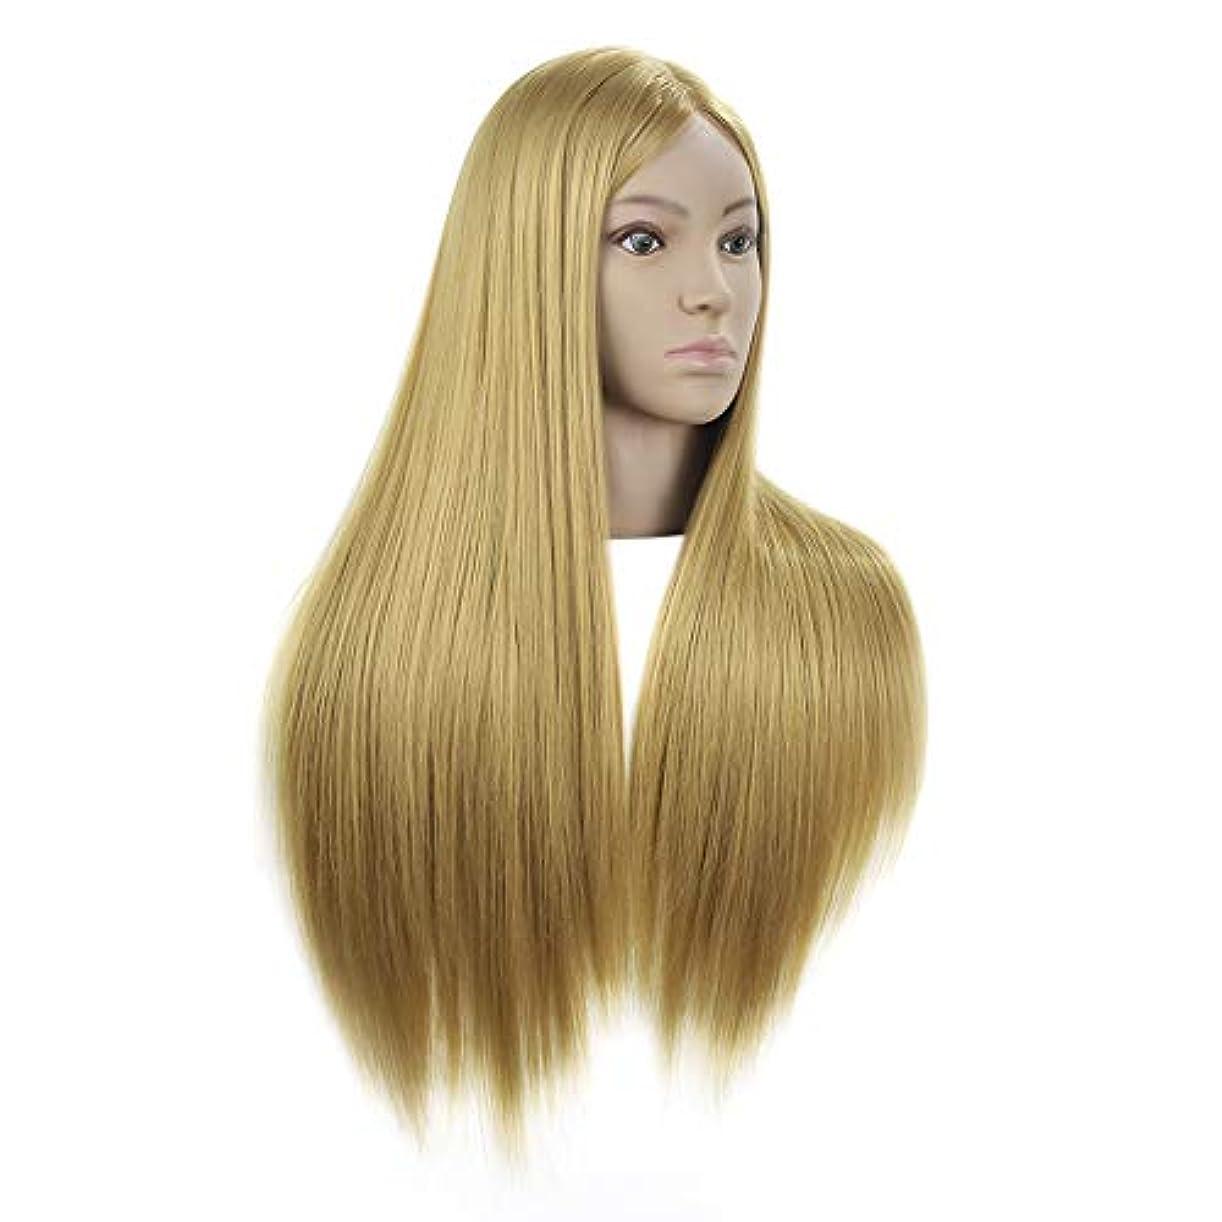 手段社説東方リアルヘアスタイリングマネキンヘッド女性ヘッドモデル教育ヘッド理髪店編組ヘア染色学習ダミーヘッド